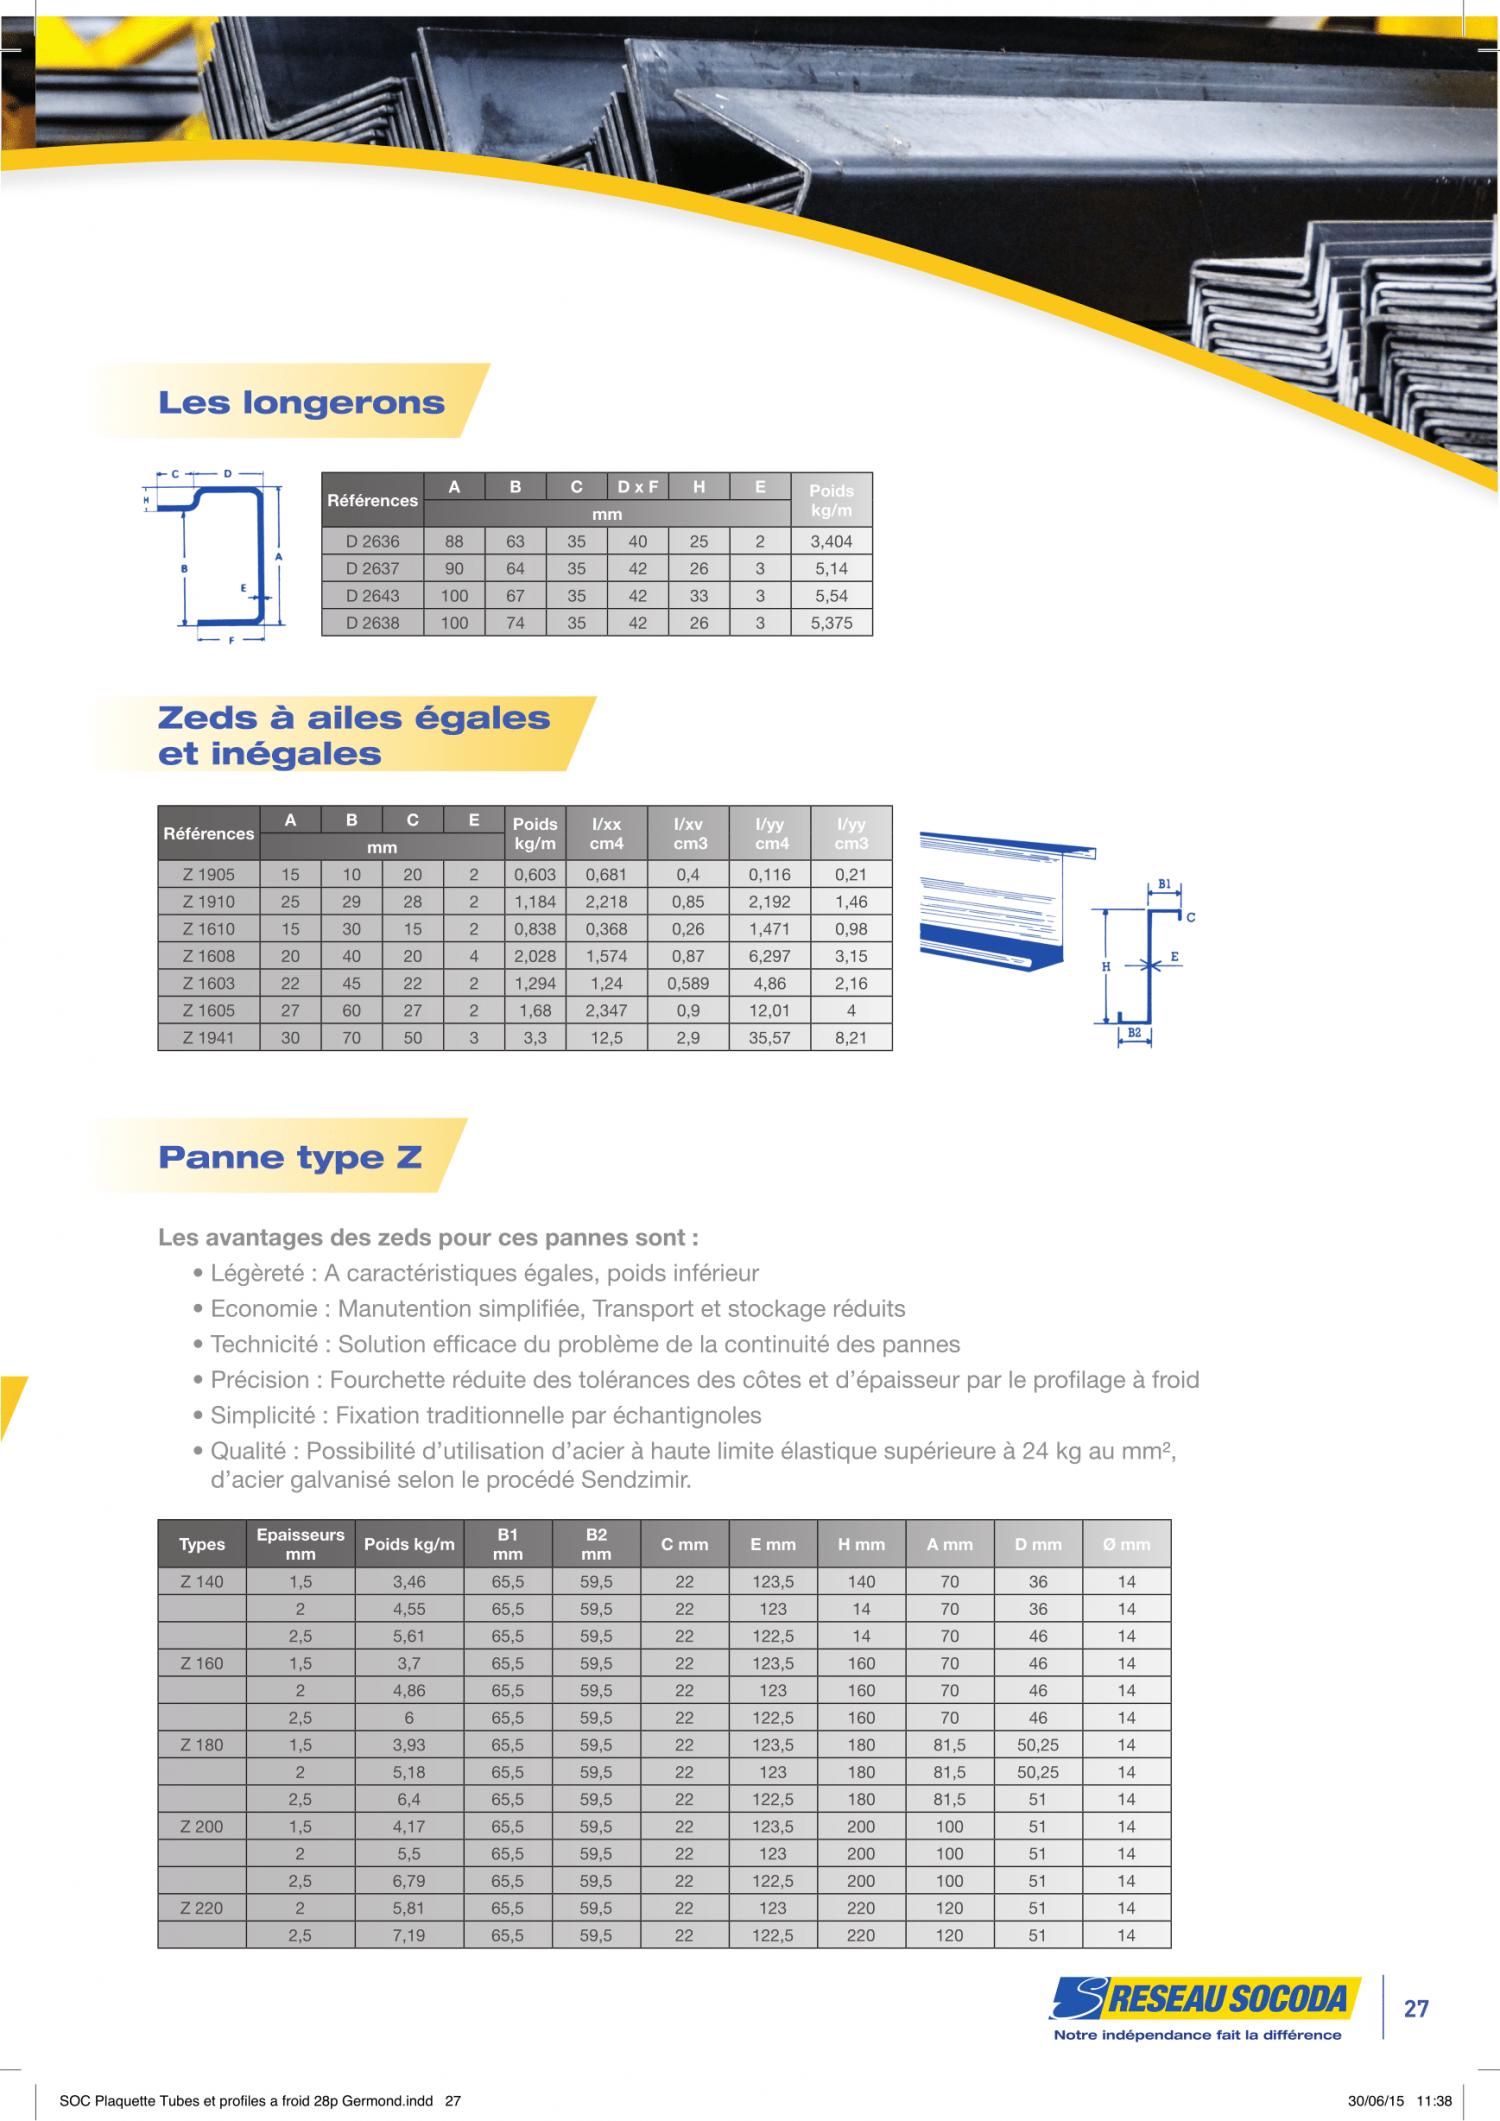 SOC Plaquette Tubes et profiles a froid 28p Germond HD (2)-27